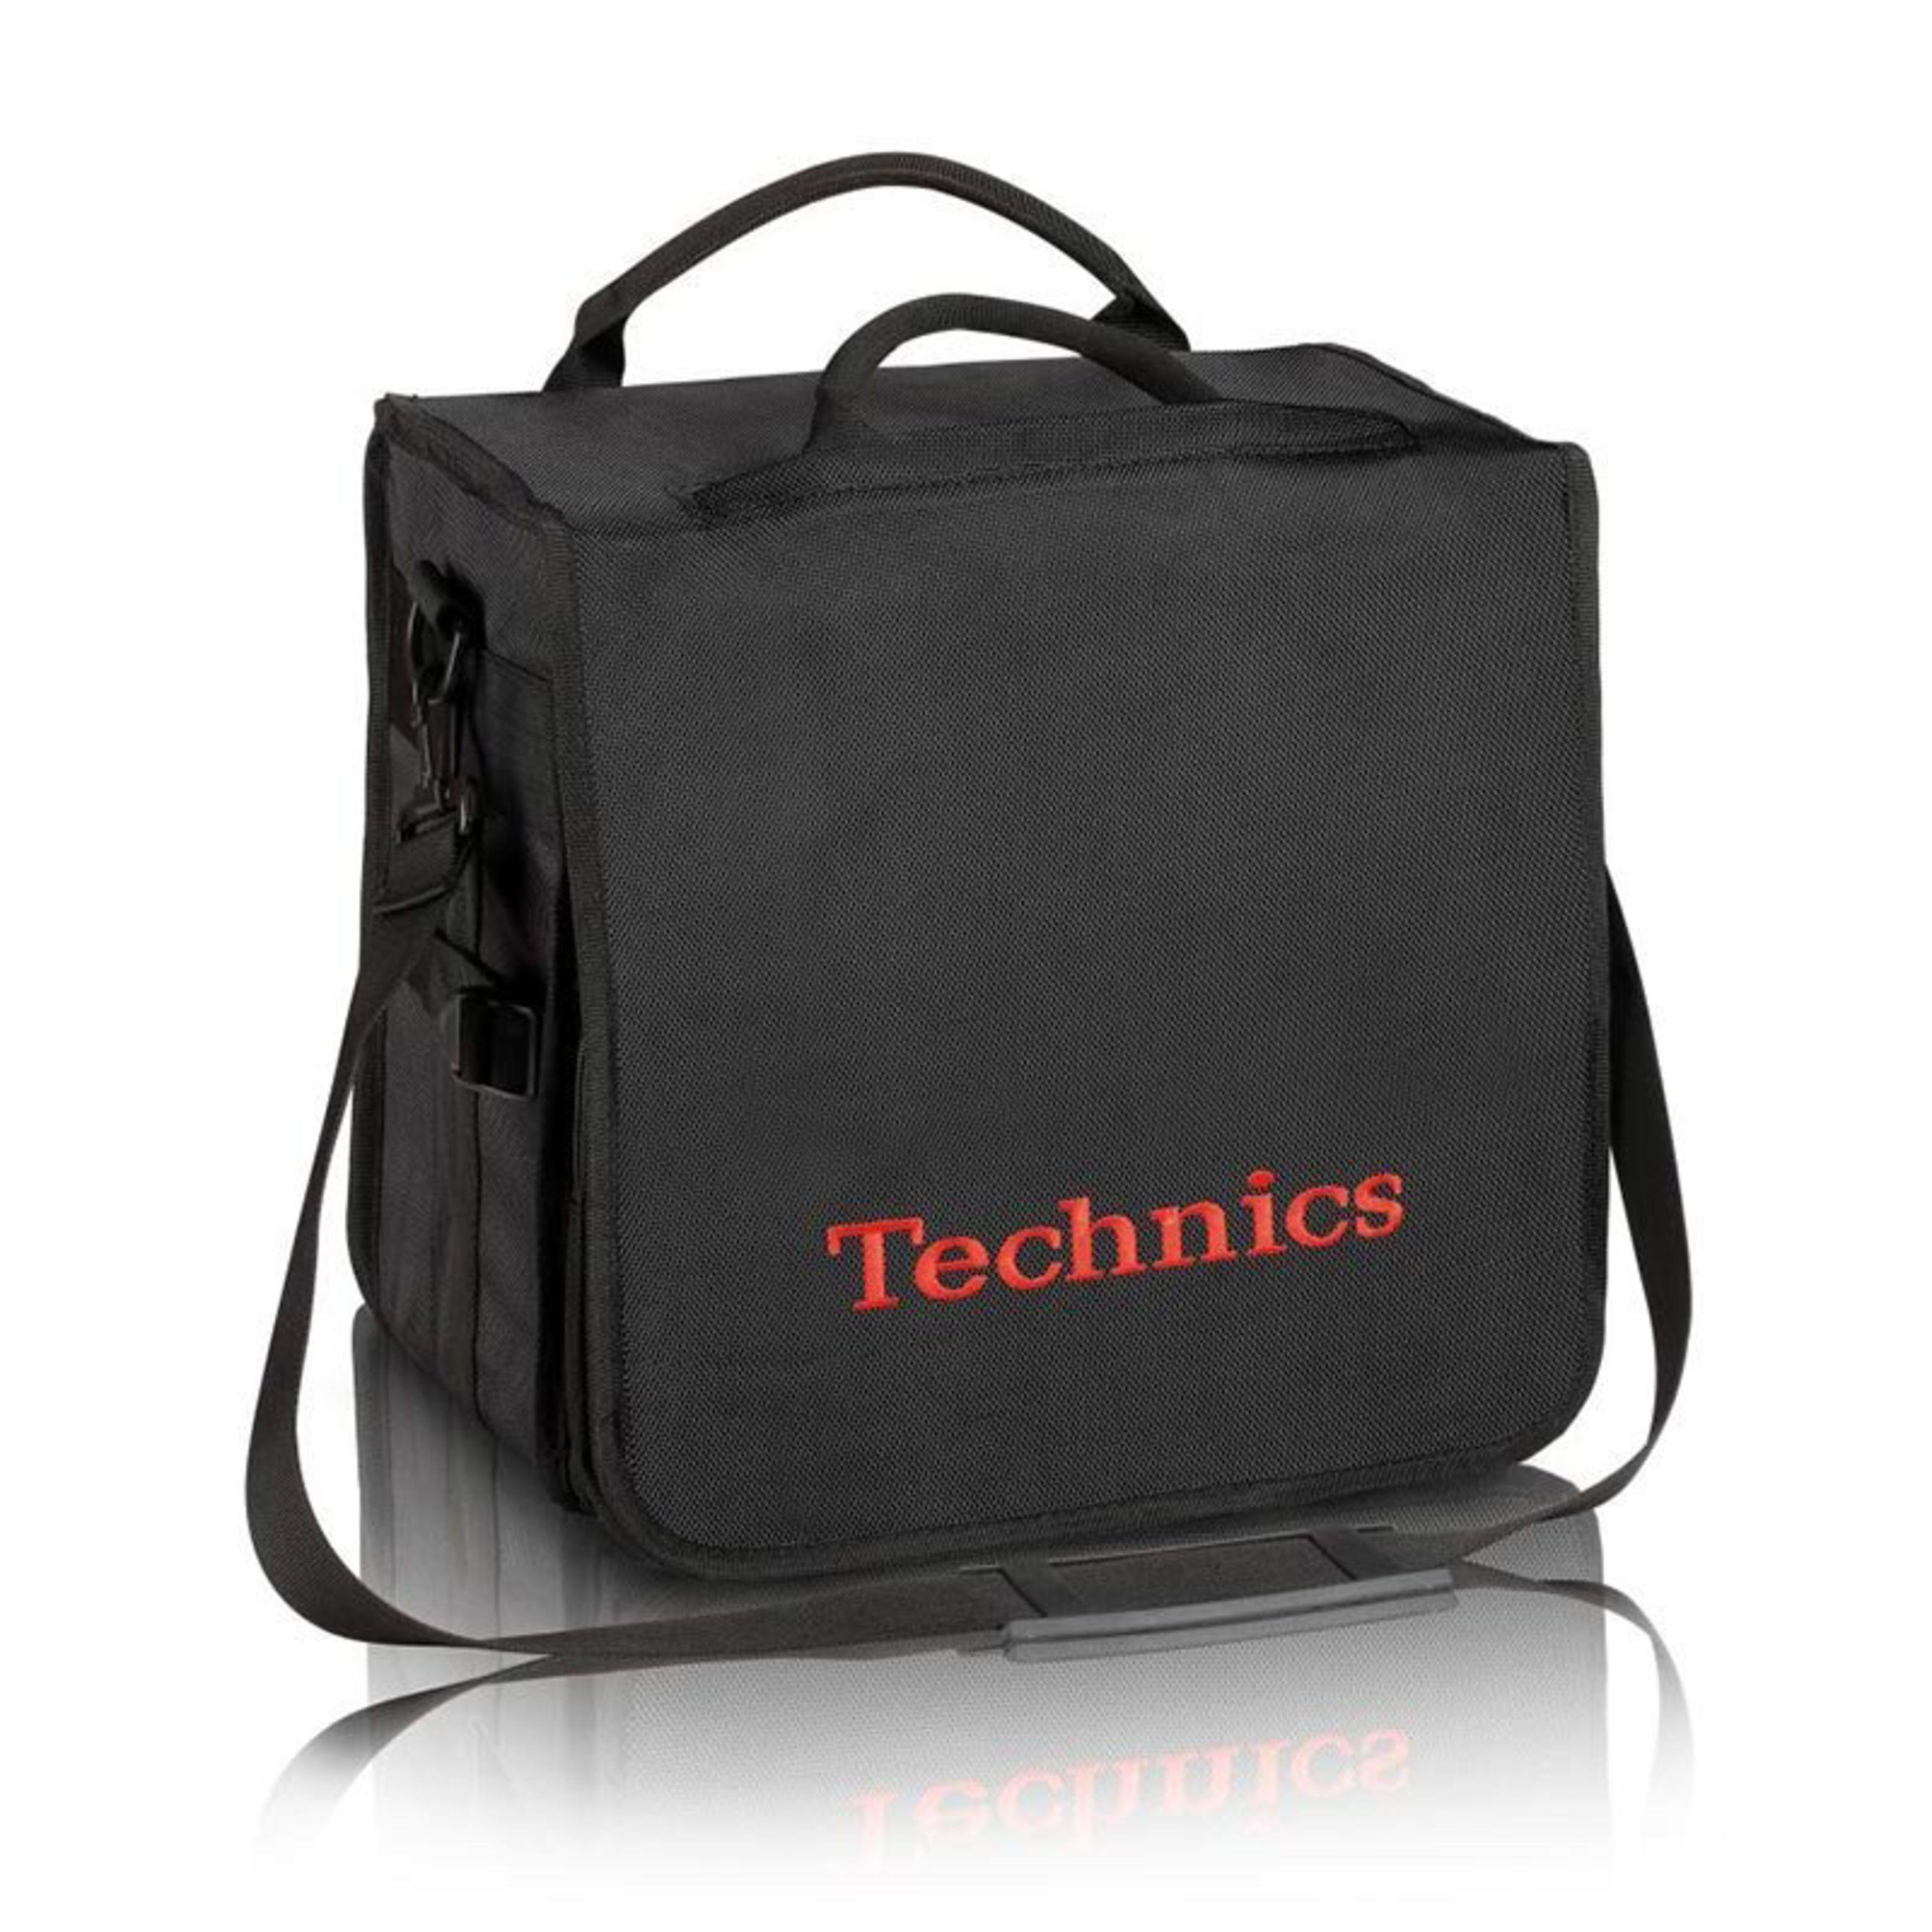 Technics BackBag negro-rojo